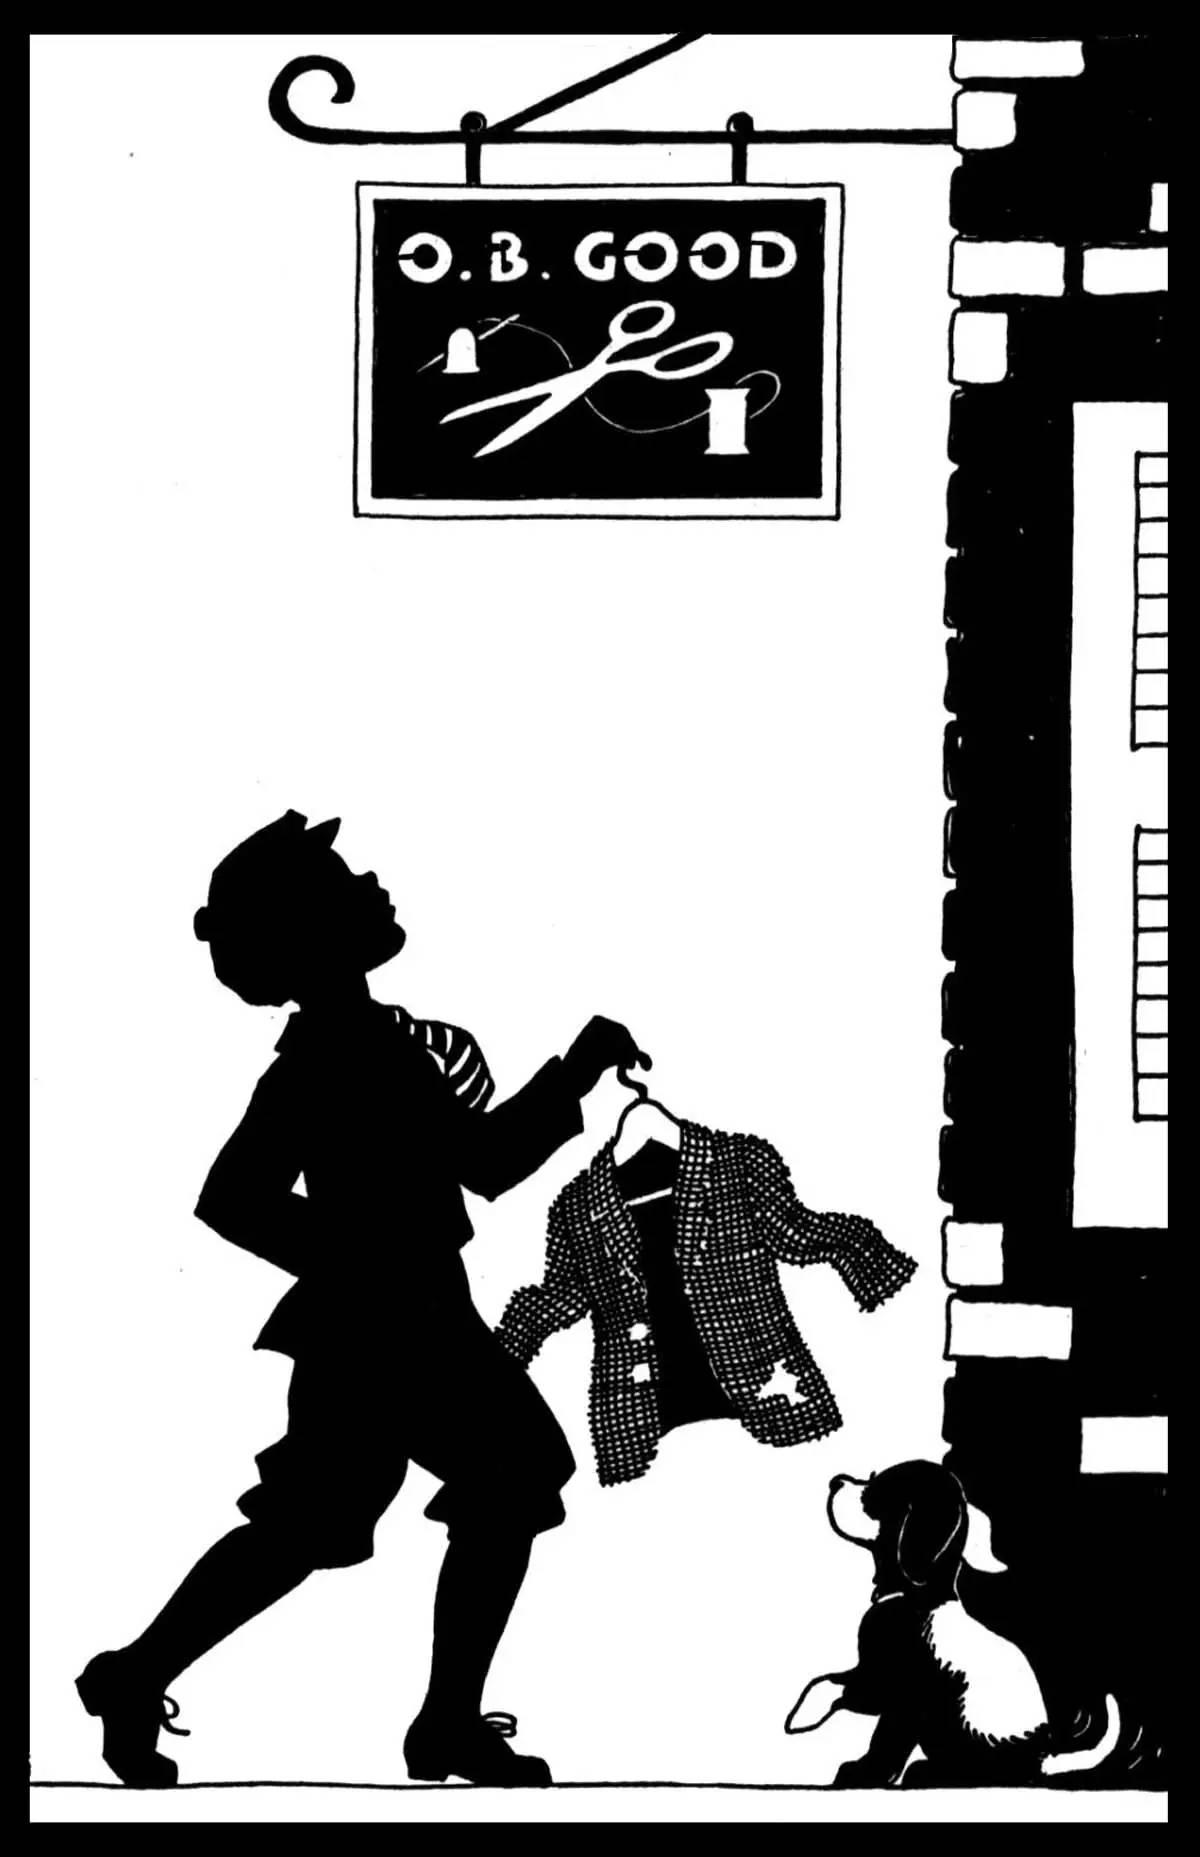 黑白童趣剪纸(26张),西方剪影作品欣赏